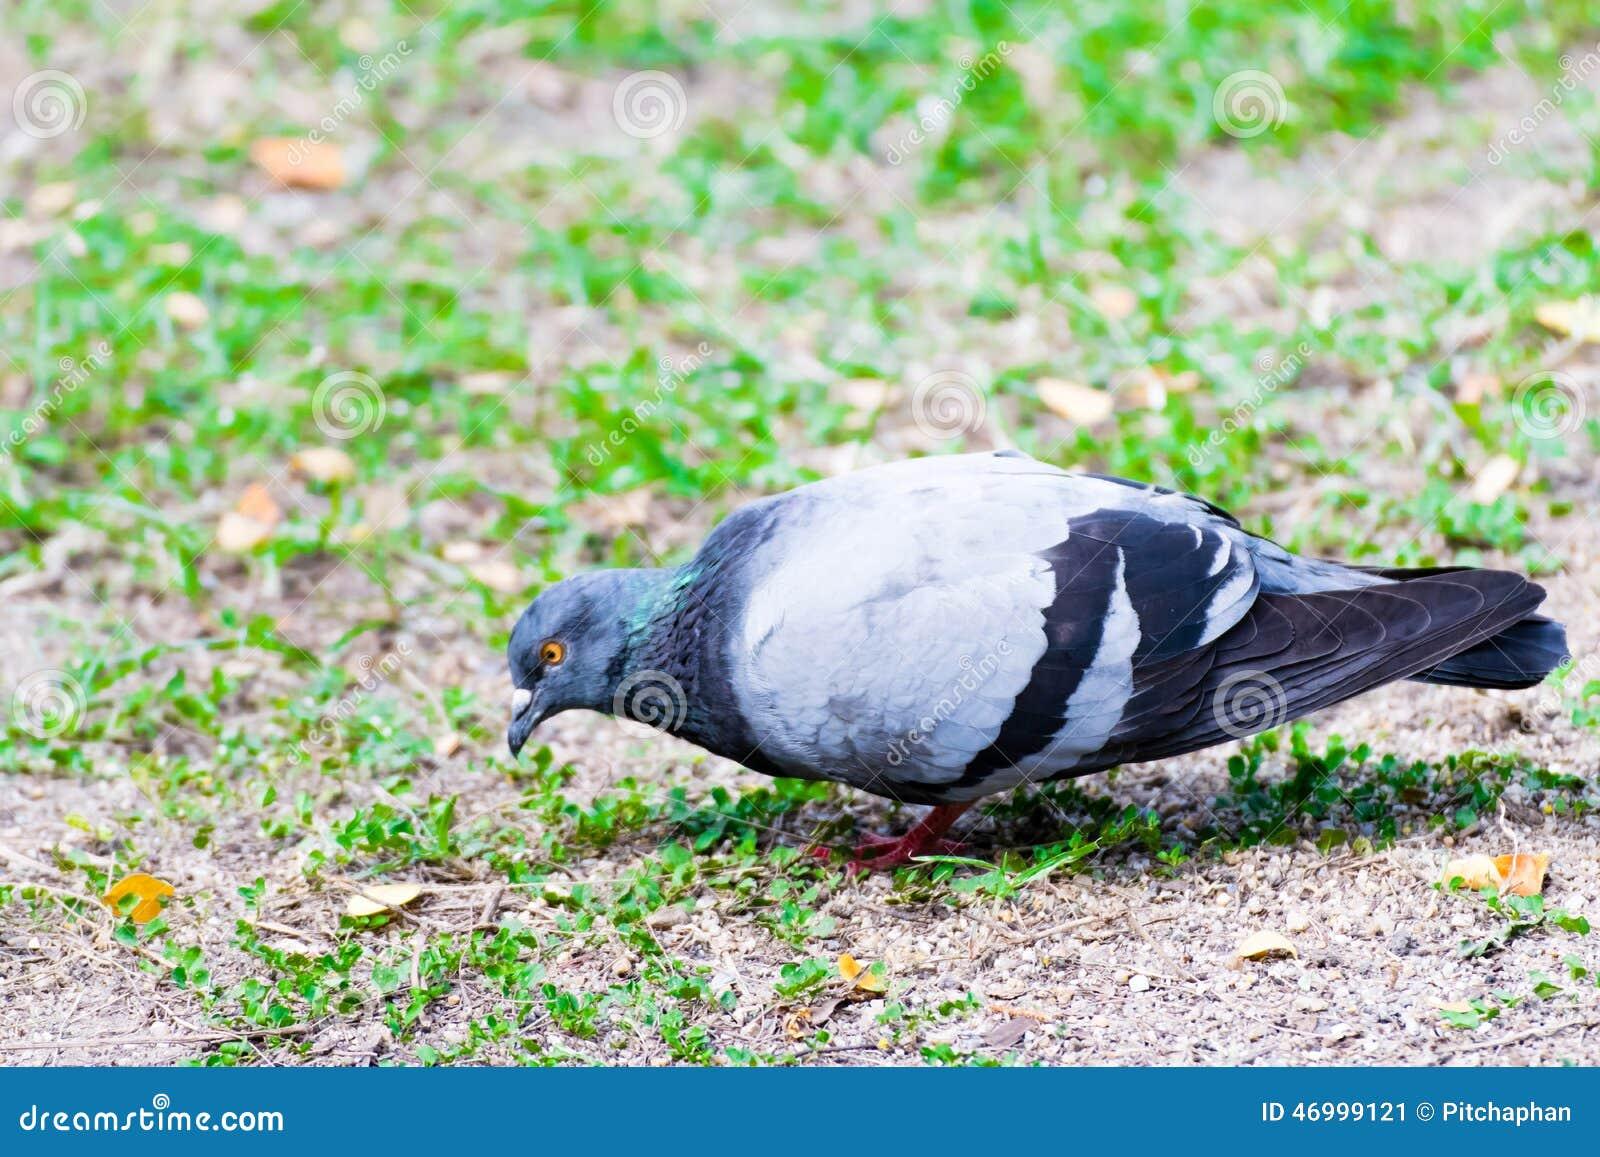 鸟类青蛙鸽鸽子鸟壁纸雀1300_957为什么动物叫老是图片